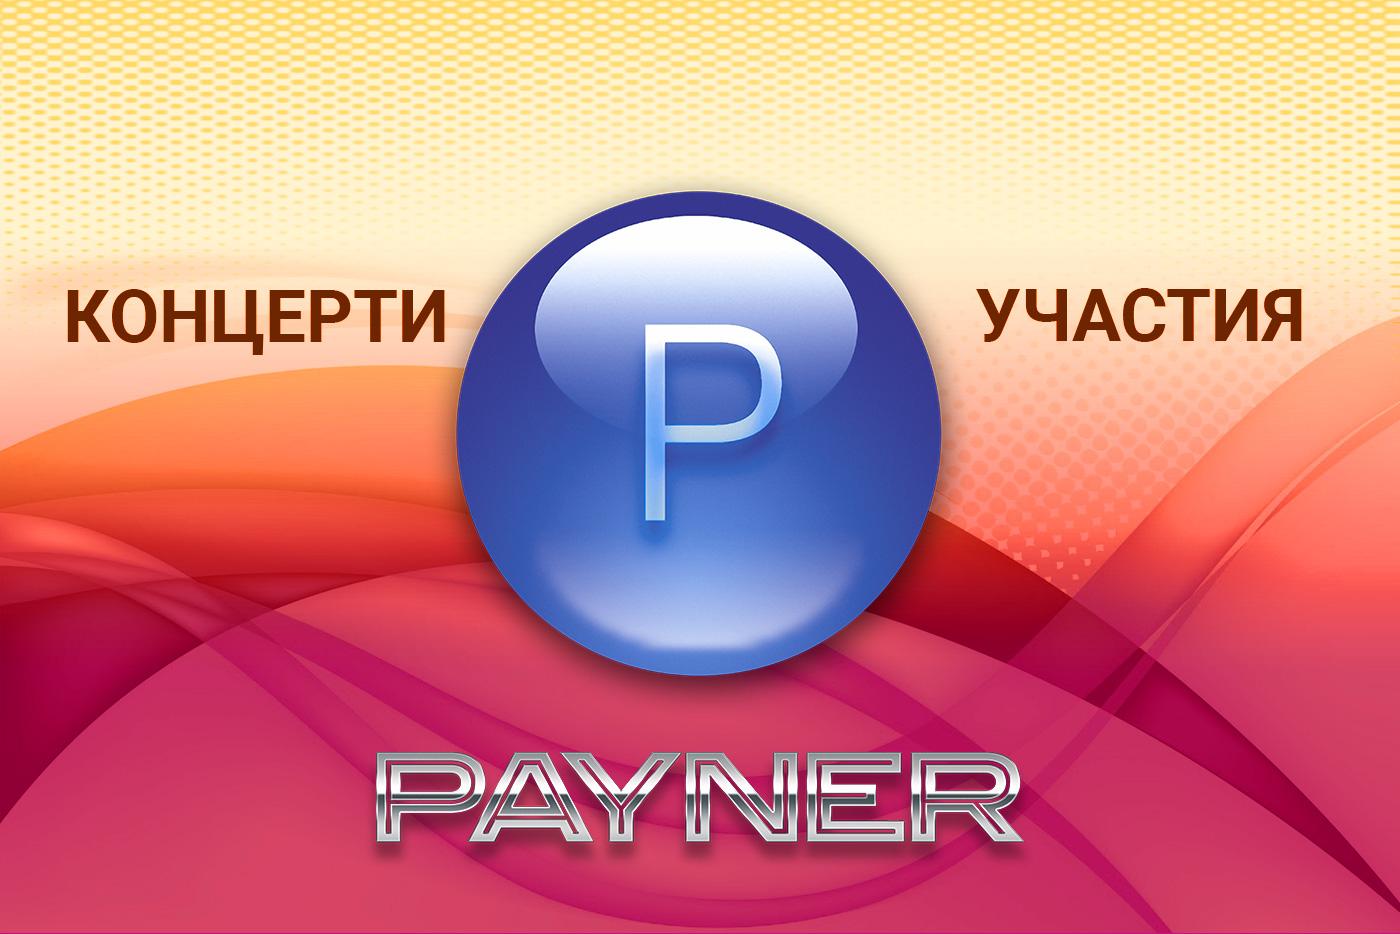 """Участия на звездите на """"Пайнер"""" на 09.03.2019"""